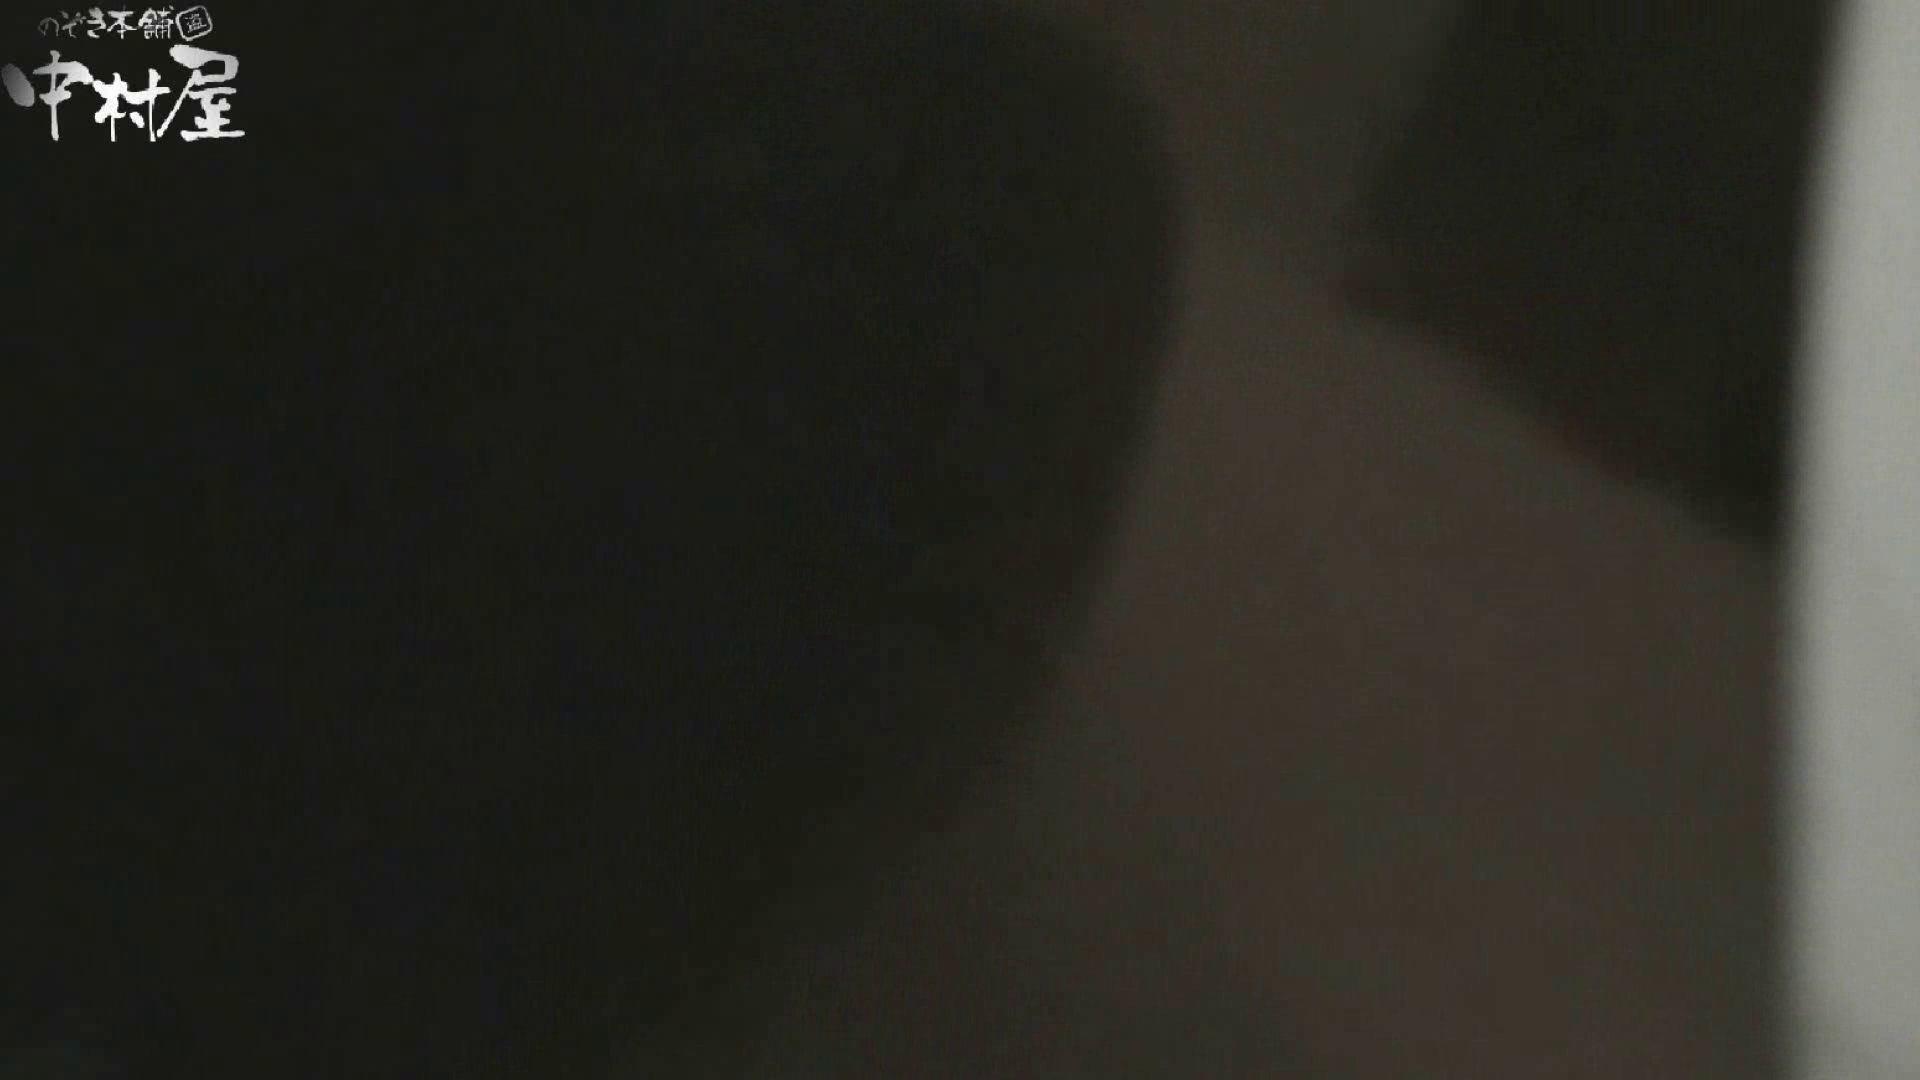 解禁!海の家4カメ洗面所vol.19 人気シリーズ のぞき濡れ場動画紹介 88画像 75